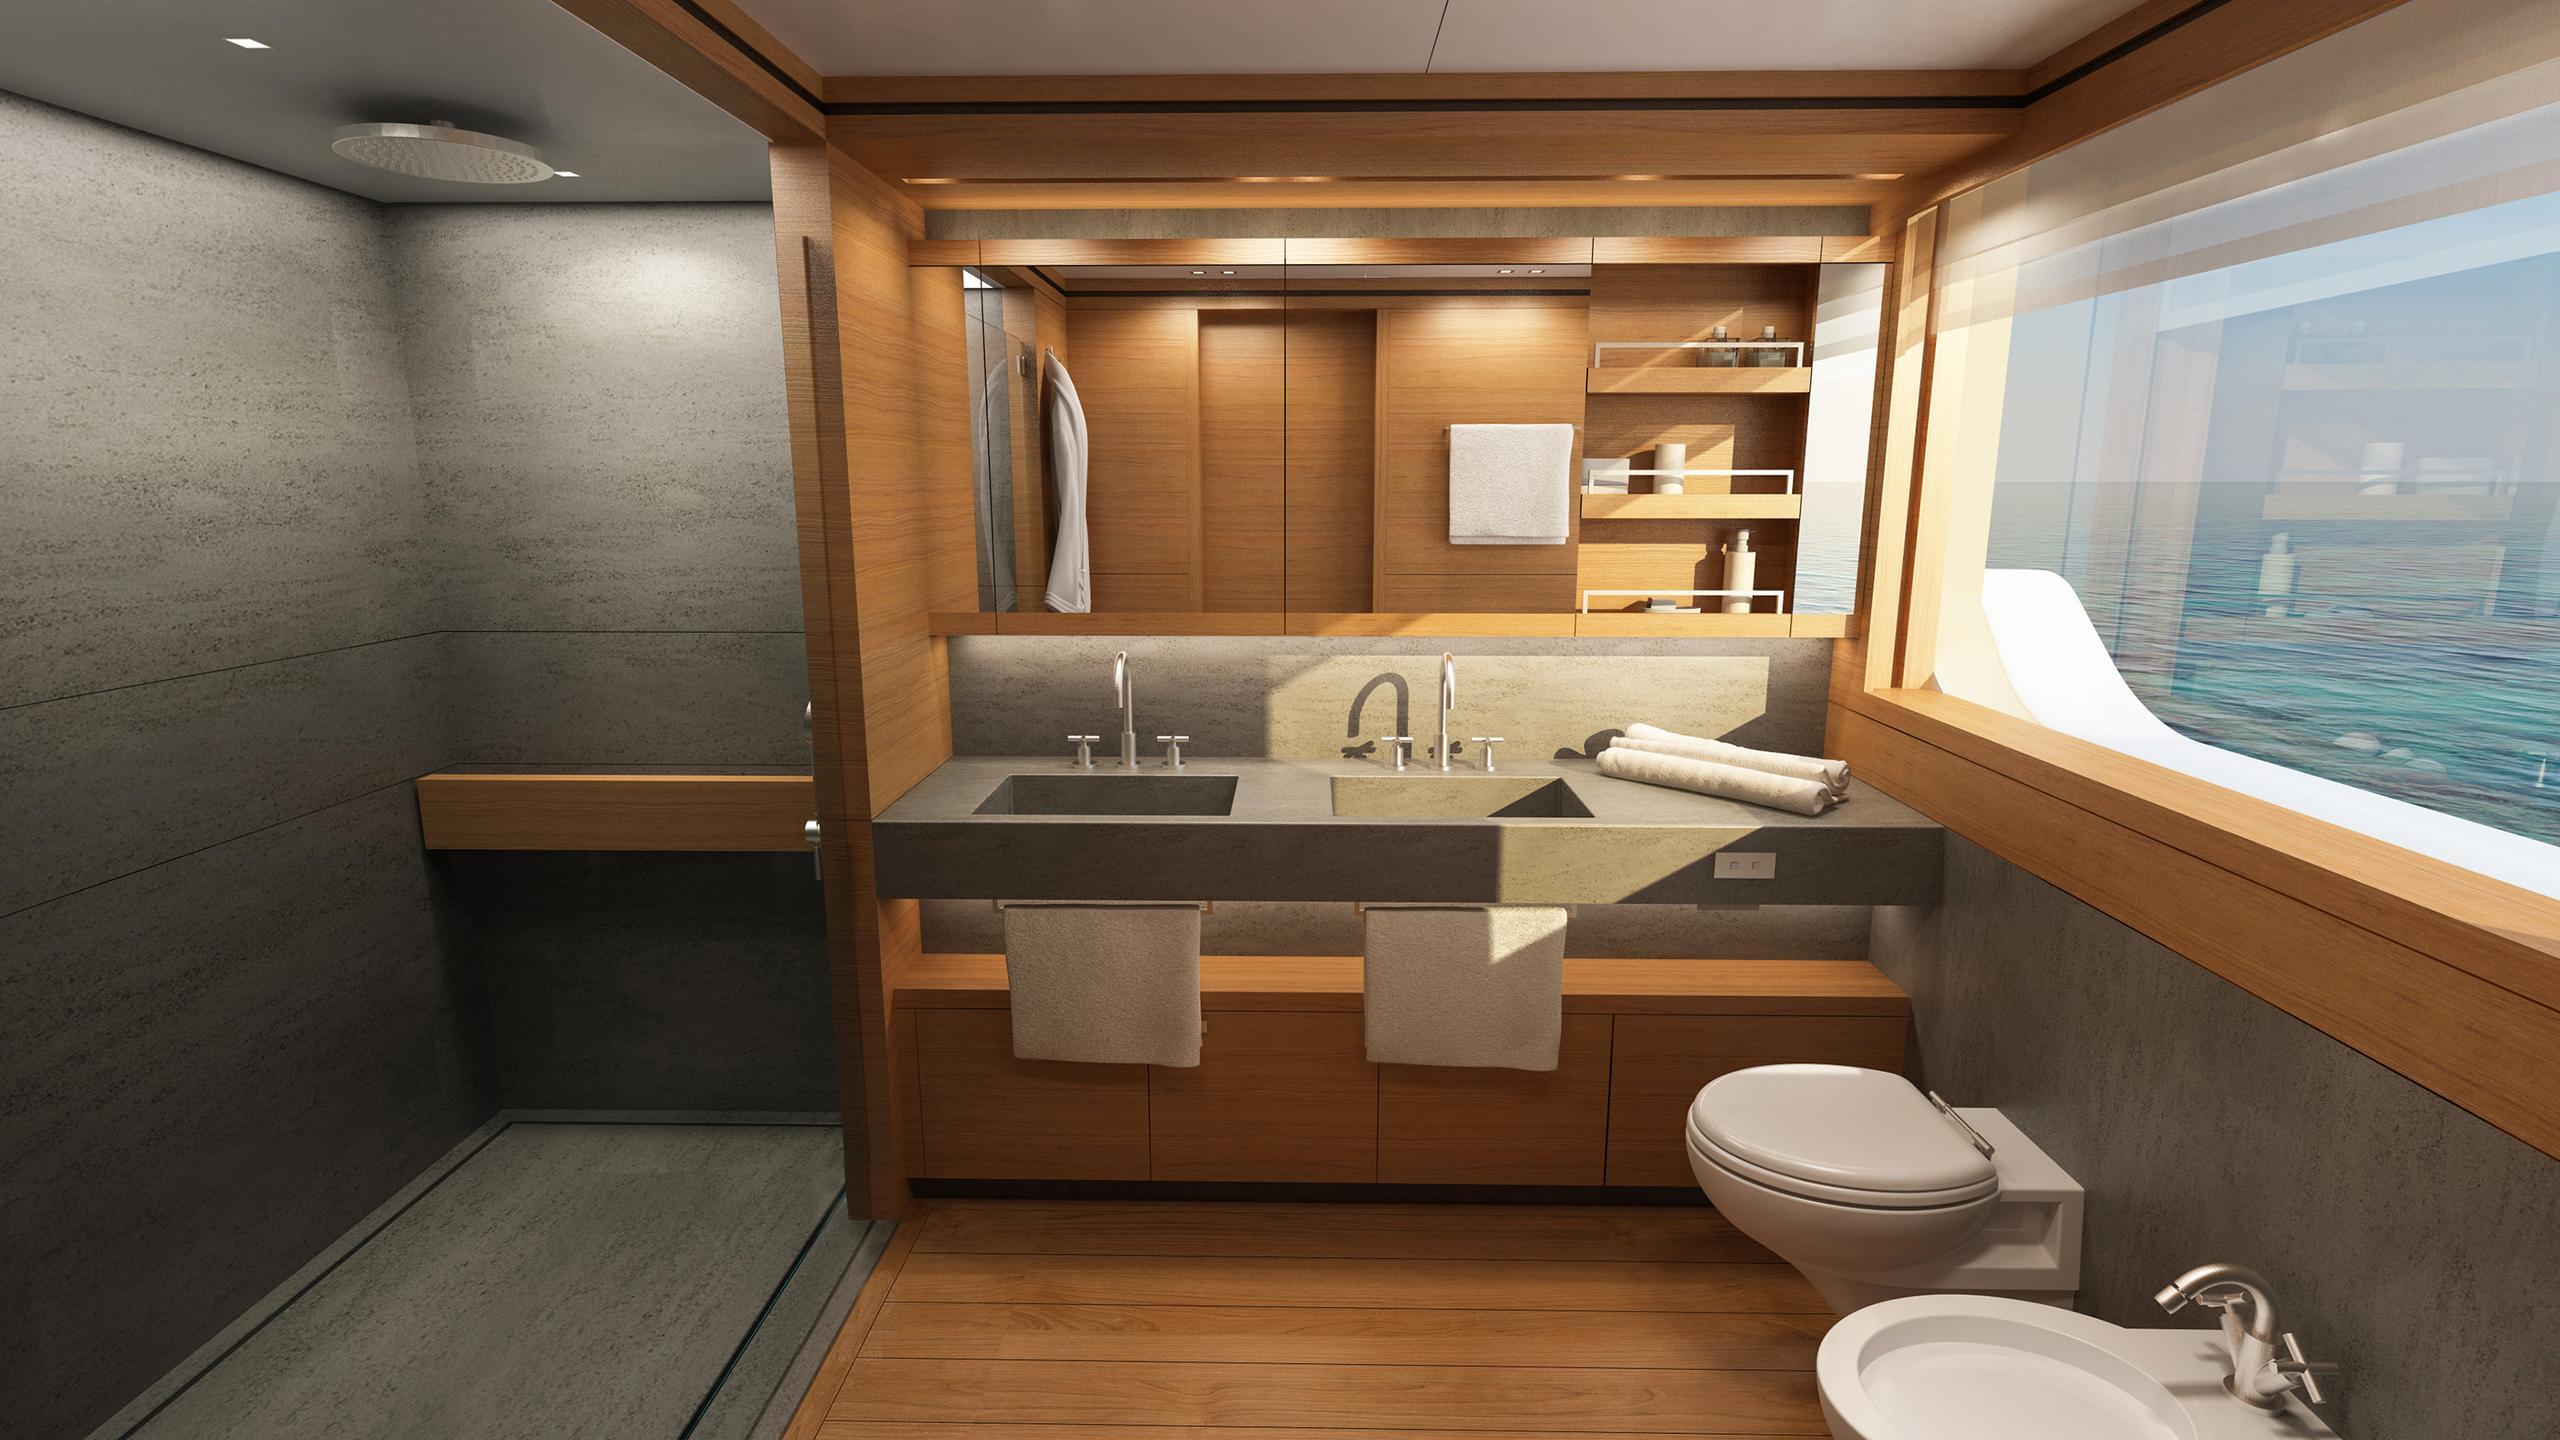 martinique motoryacht moonen 2018 36m rendering bathroom